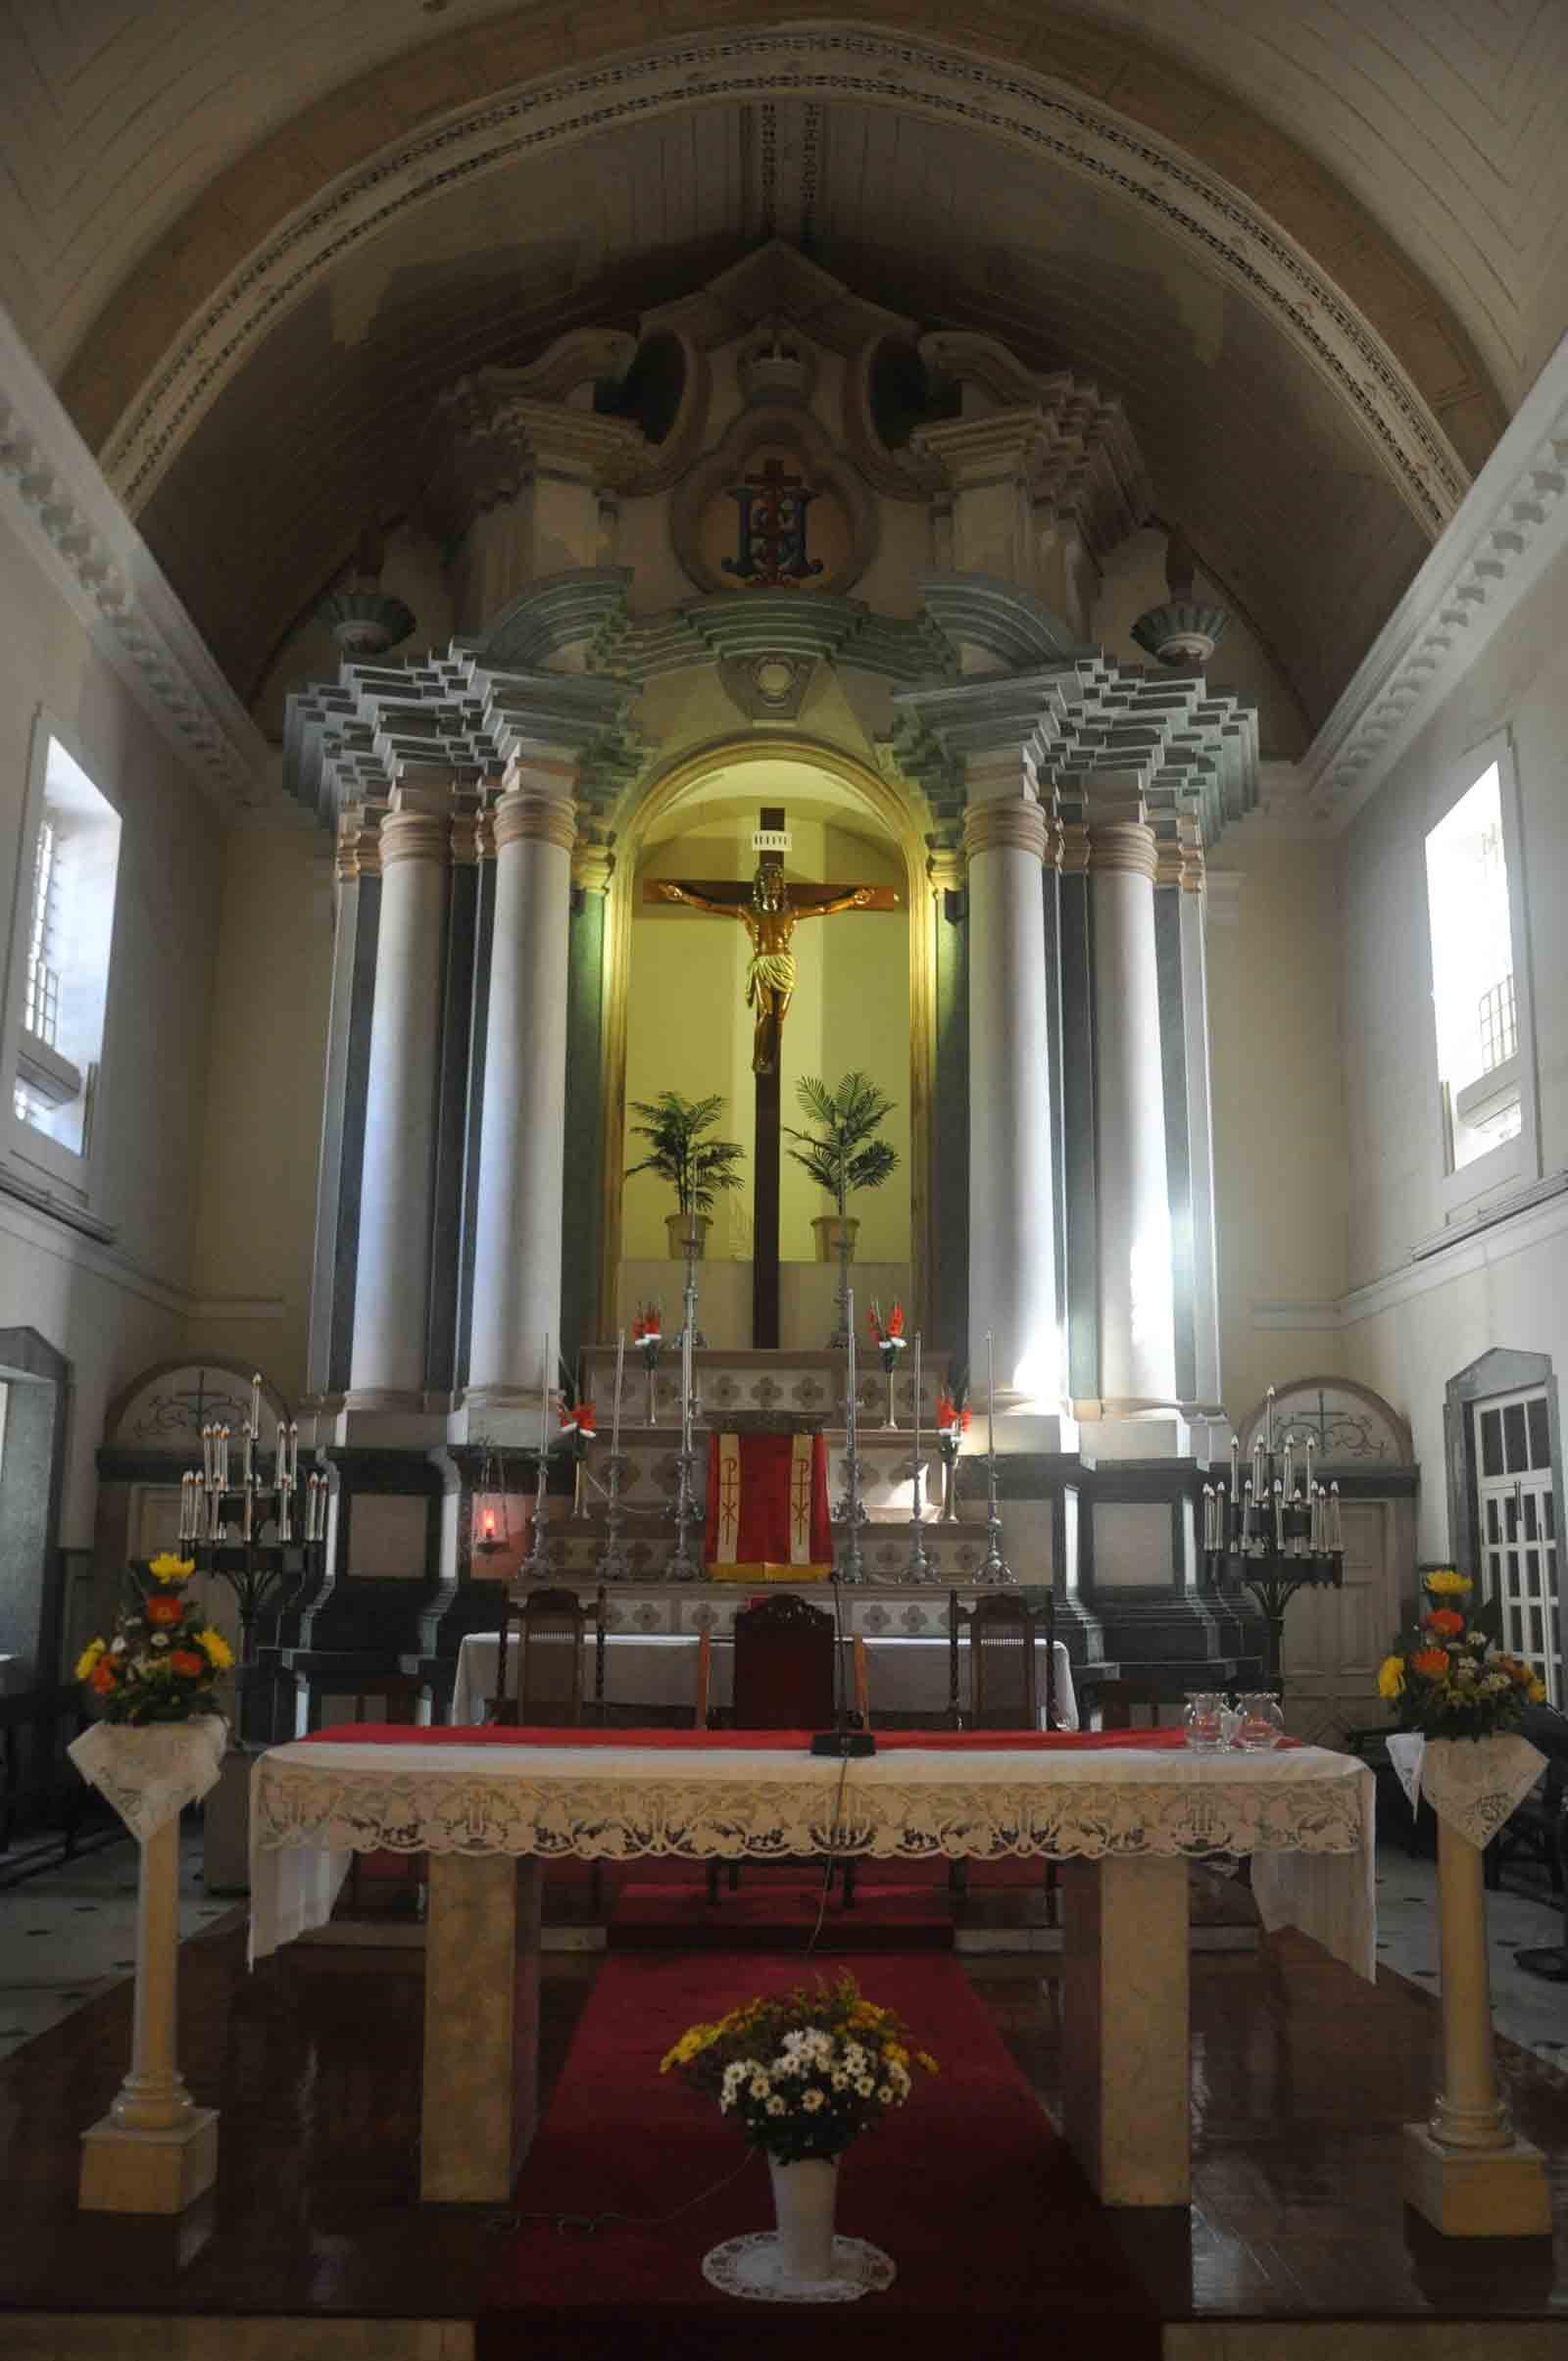 St. Anthony's Church main altar